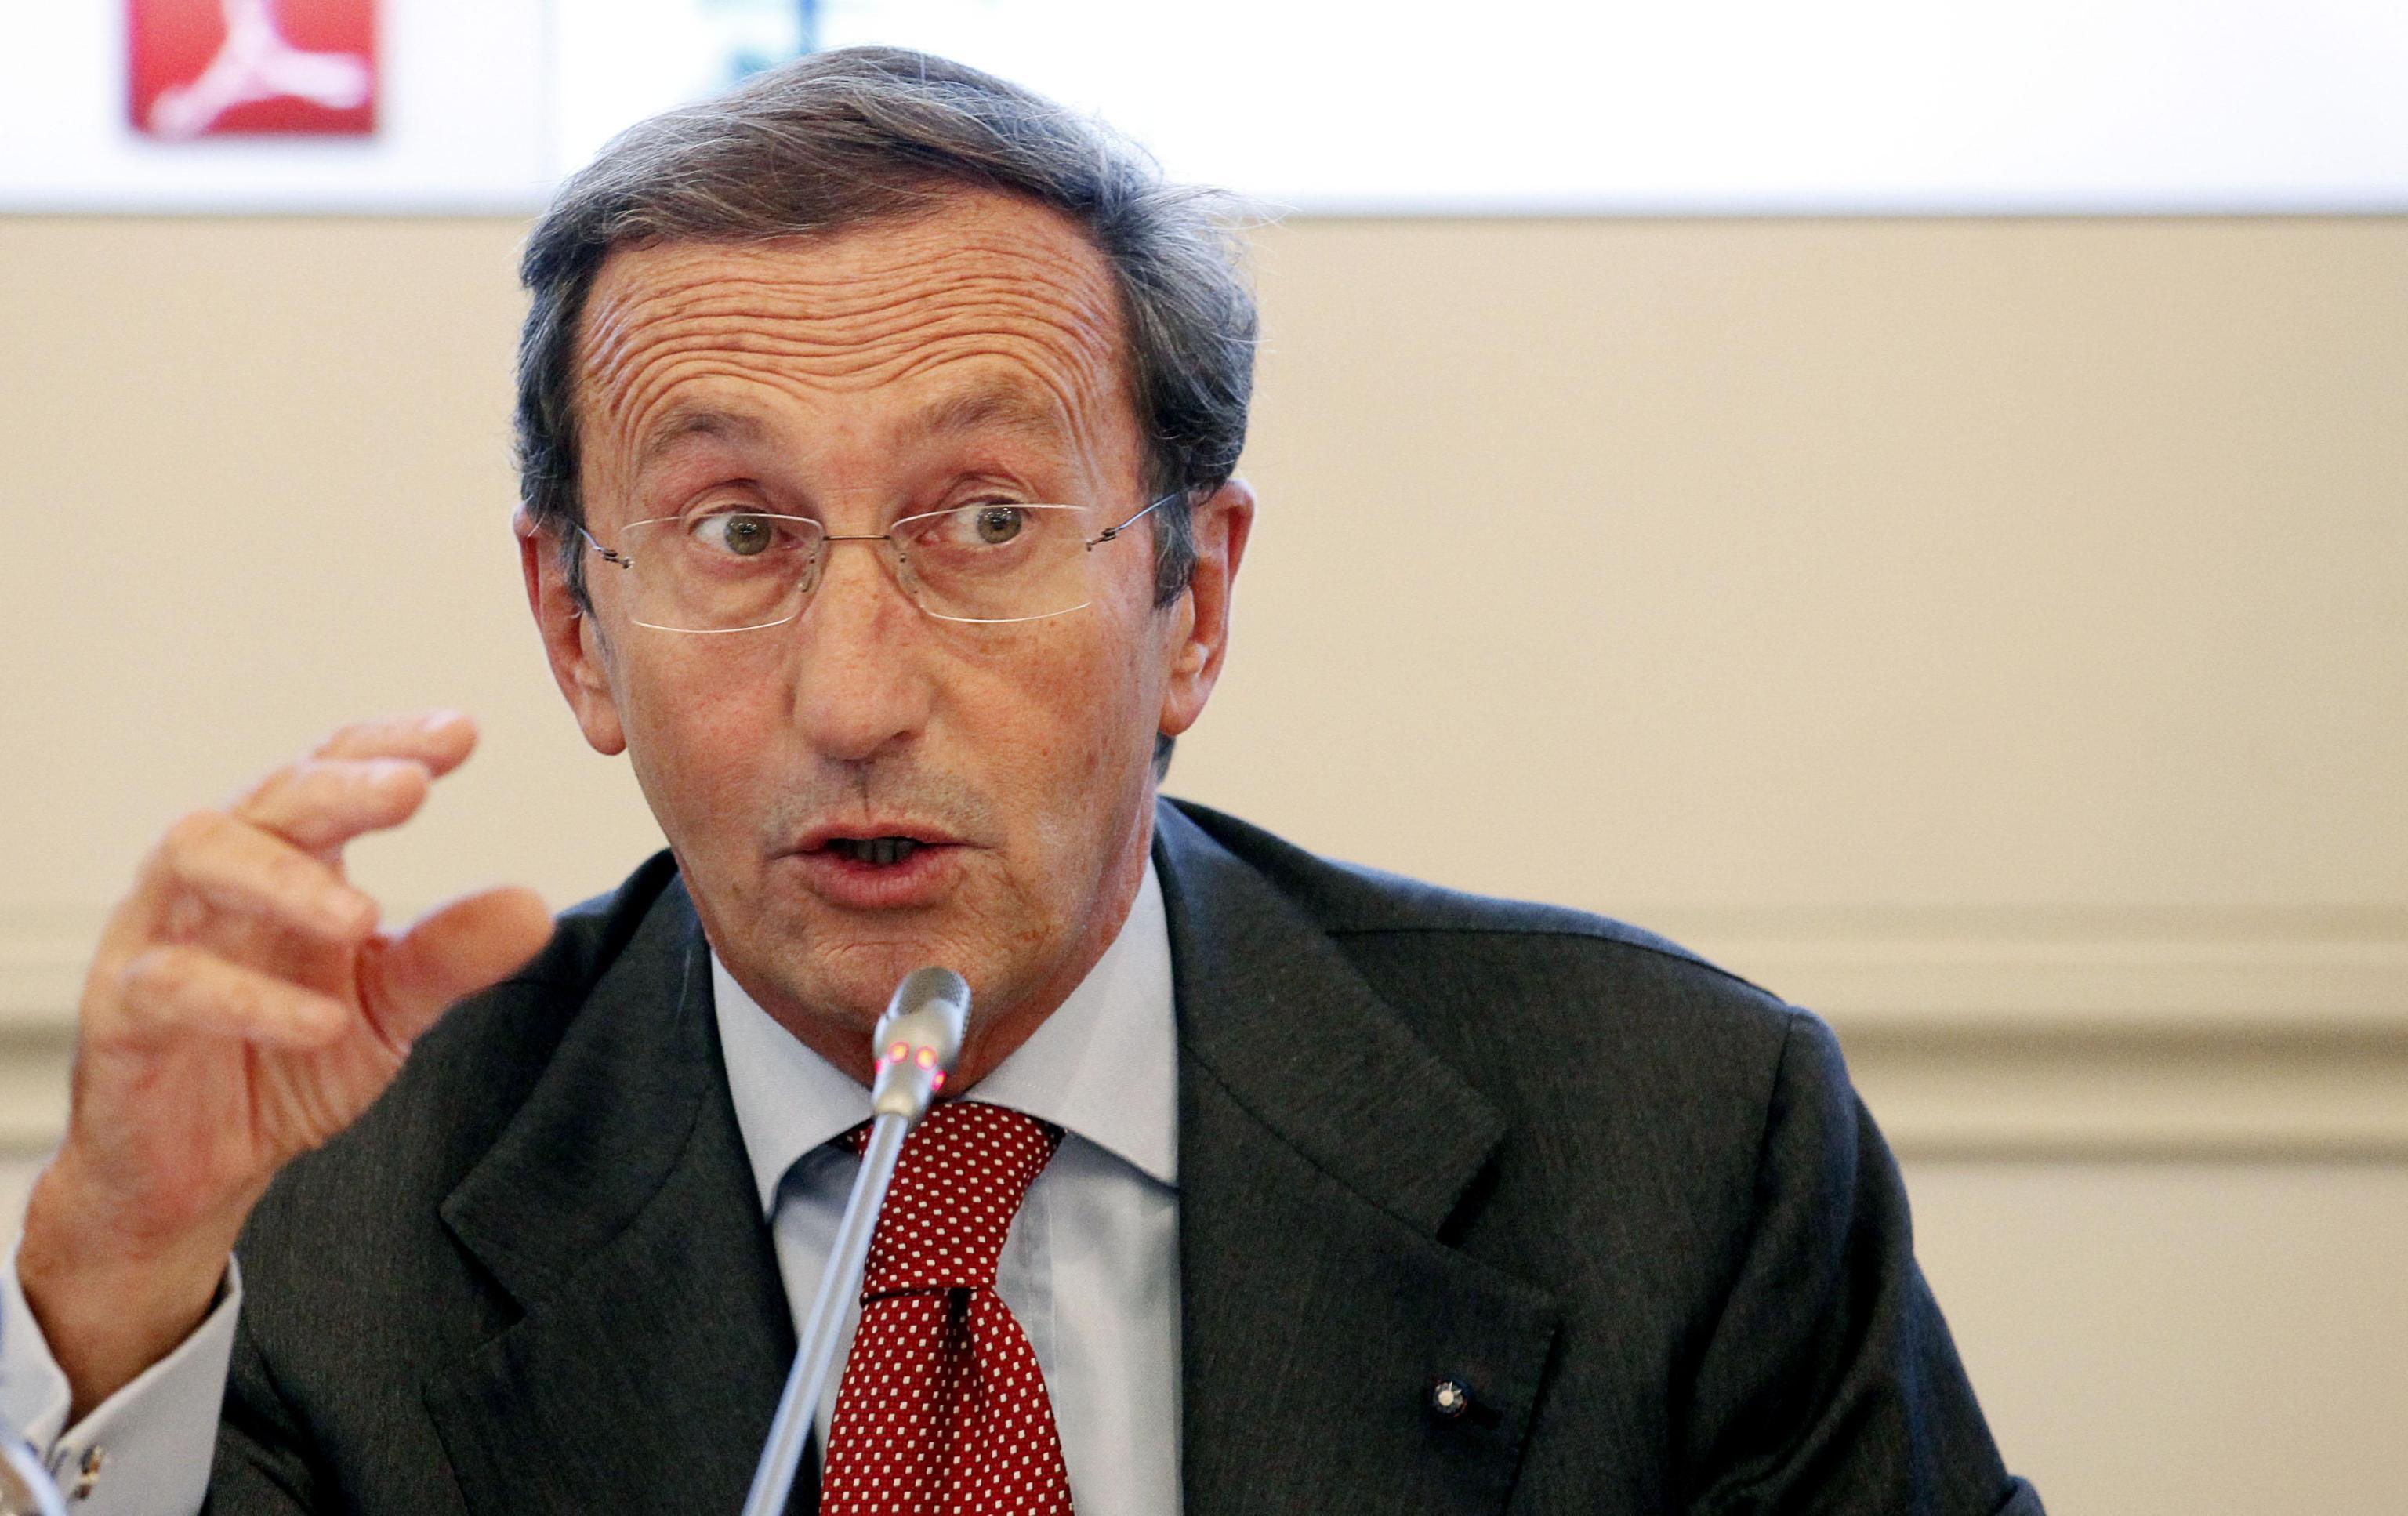 Gianfranco-Fini-presidente-della-camera.